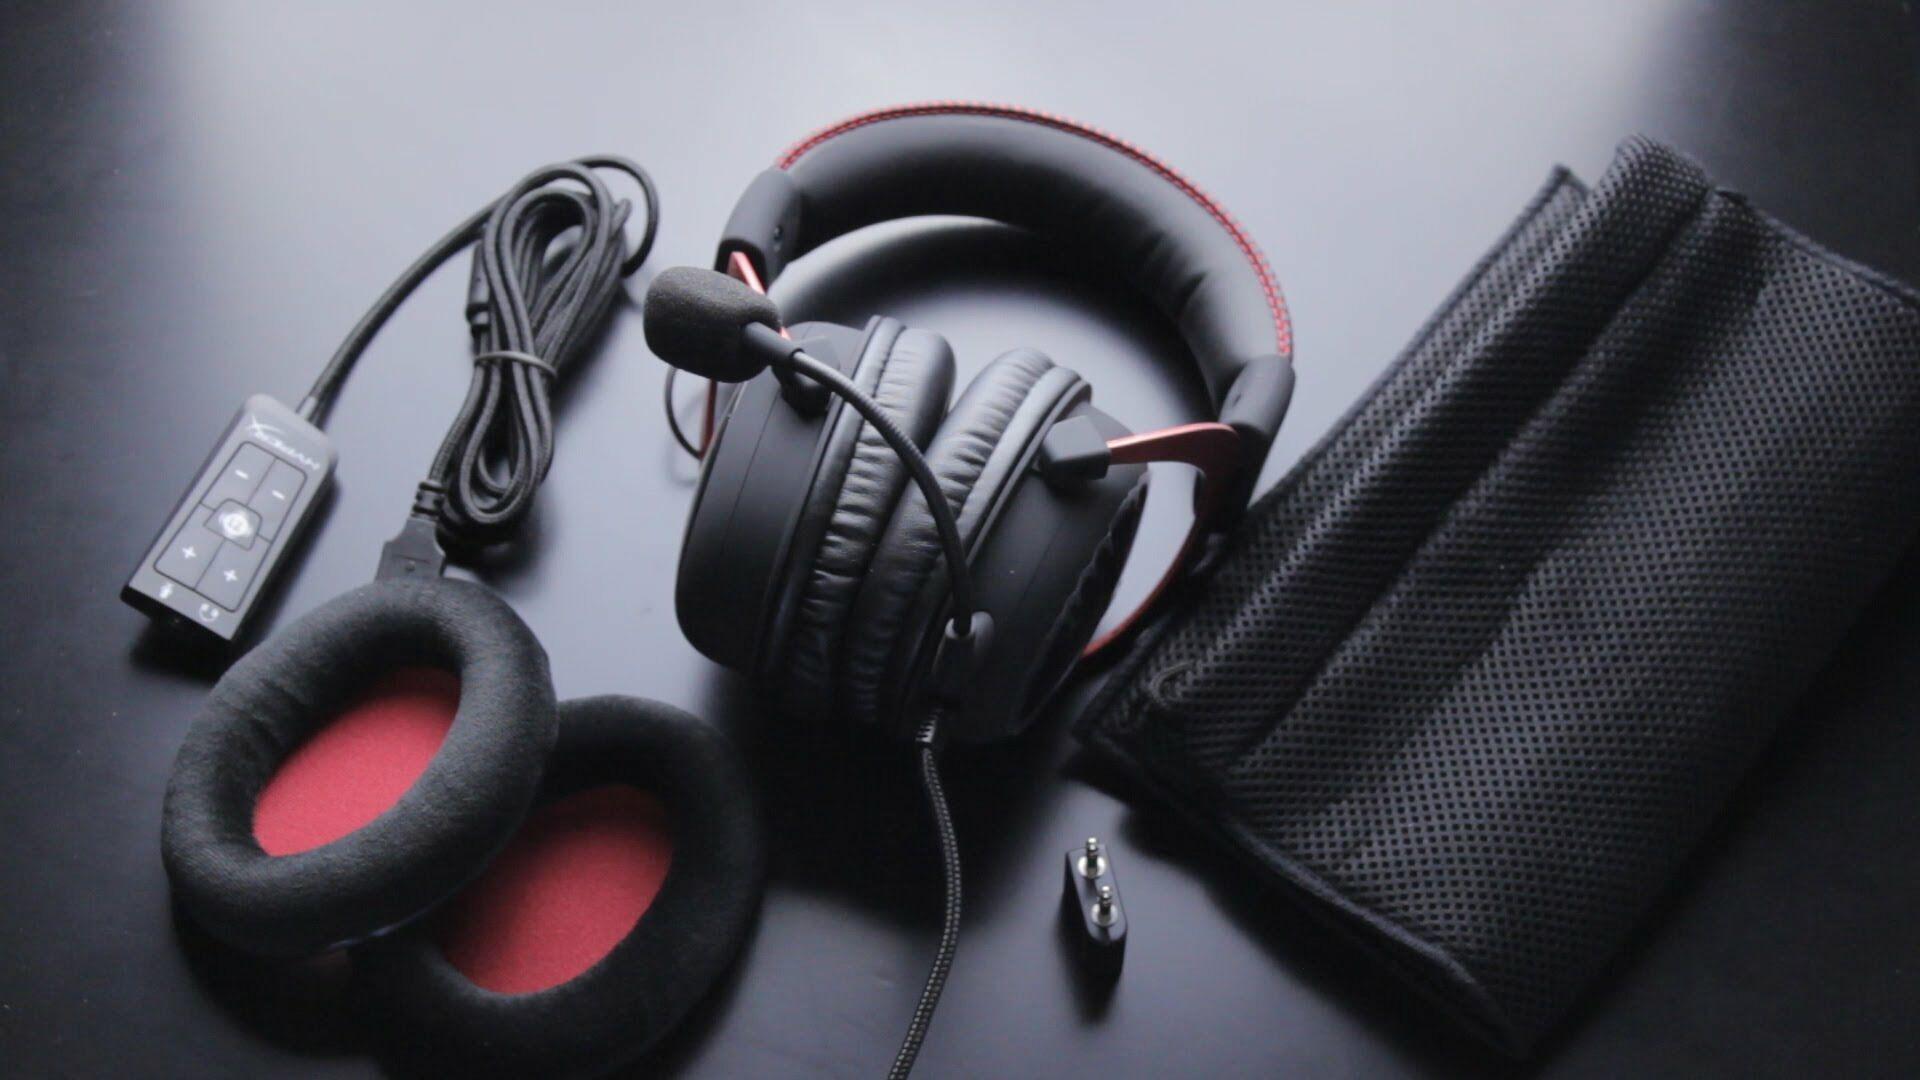 Mulai Dari Rp 100 Ribu, Ini 5 Headphone Khusus Gaming Terbaik 2017!